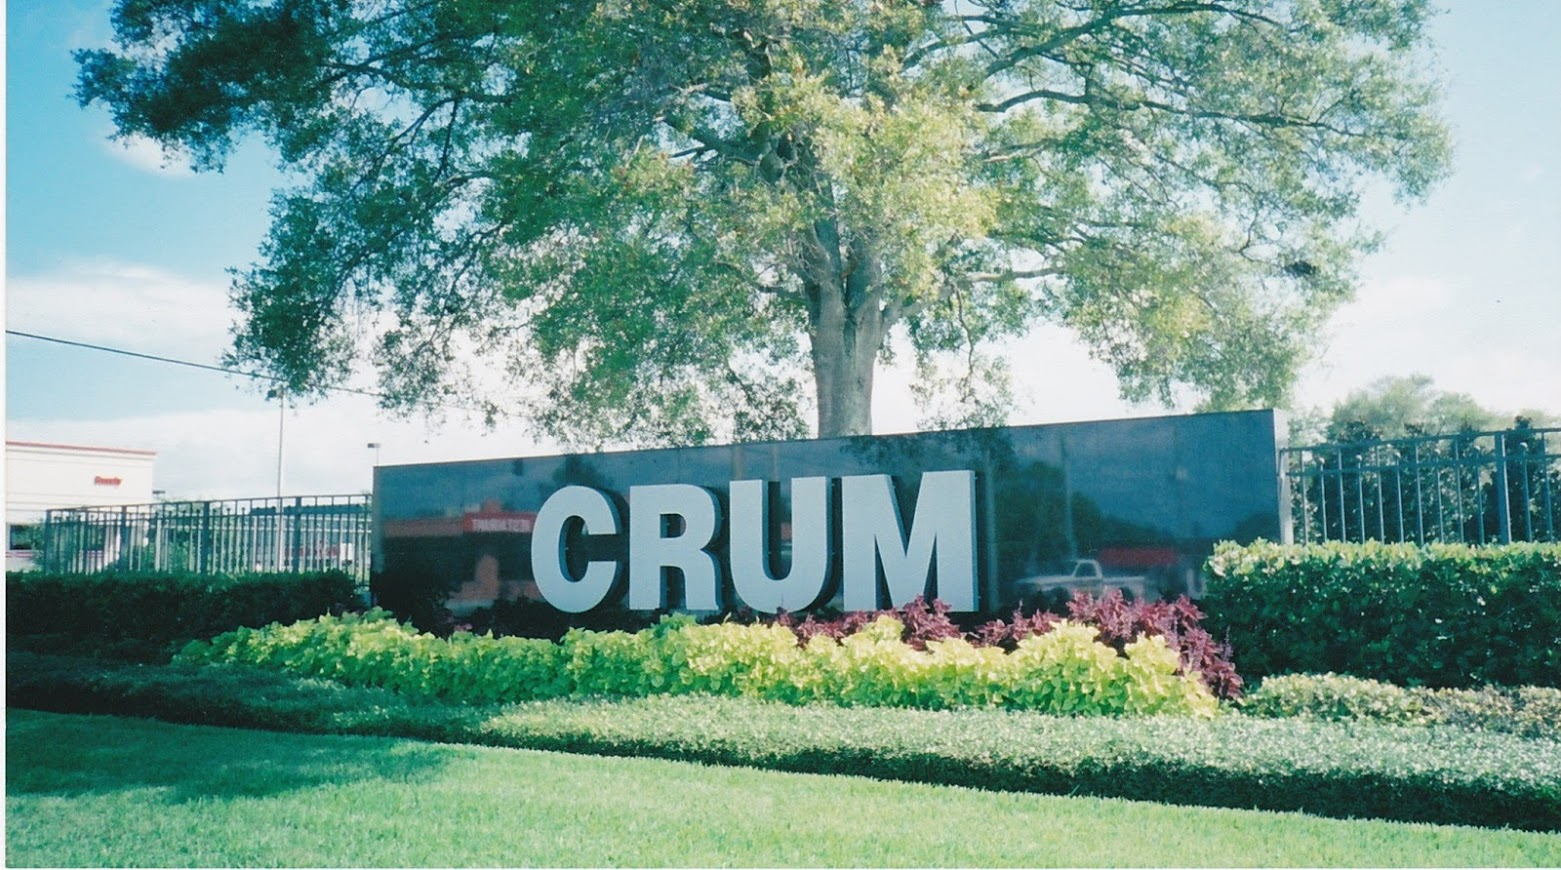 Crum sign